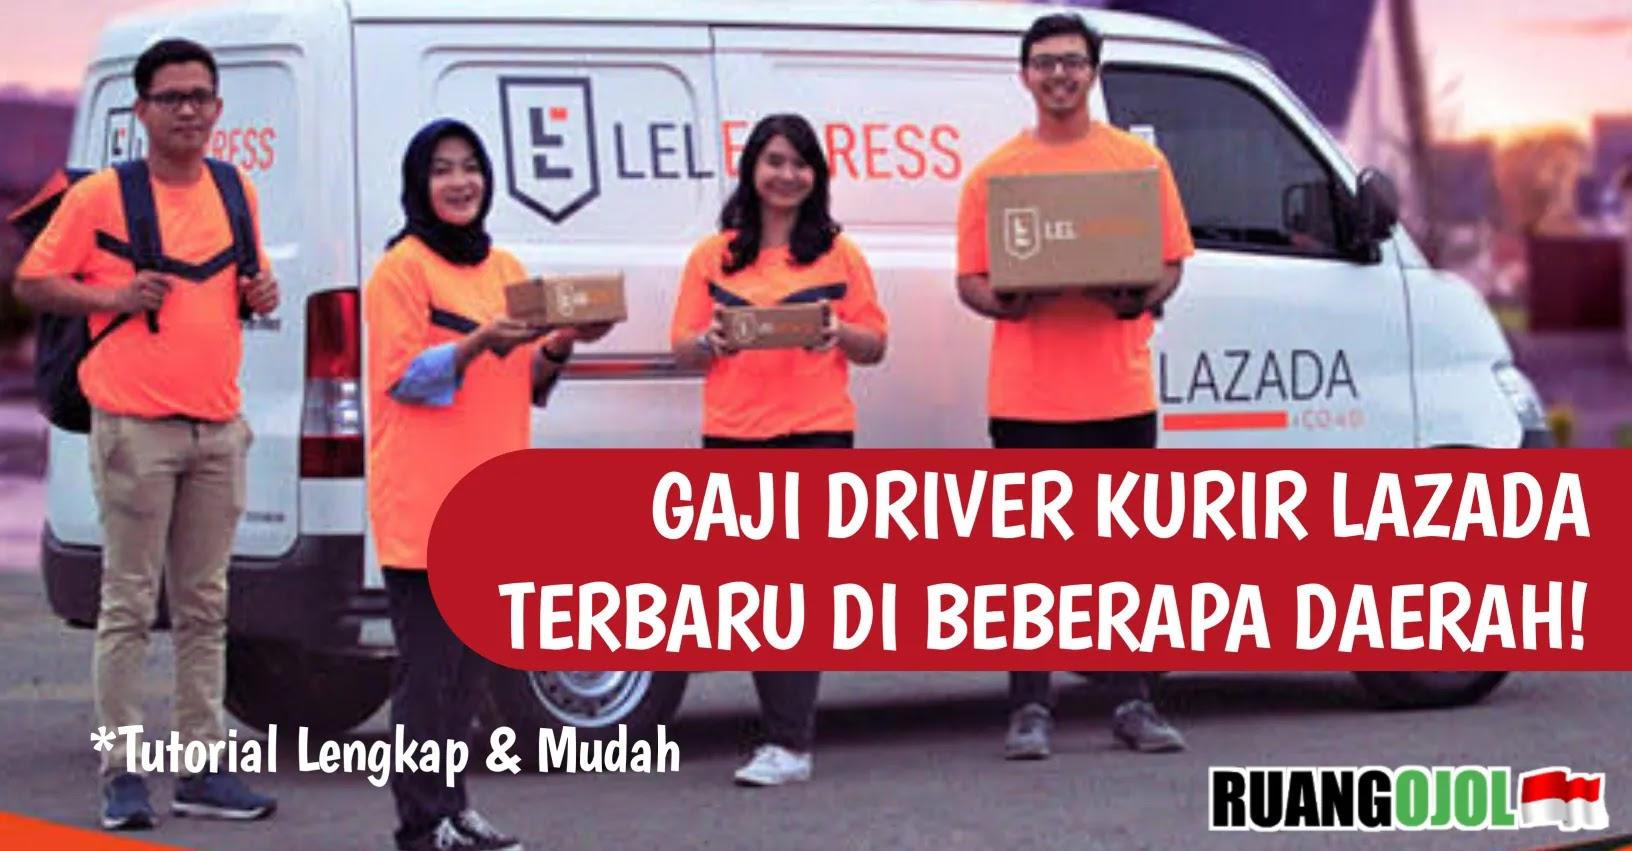 Gaji Driver Kurir Lazada Terbaru  di Beberapa Daerah!